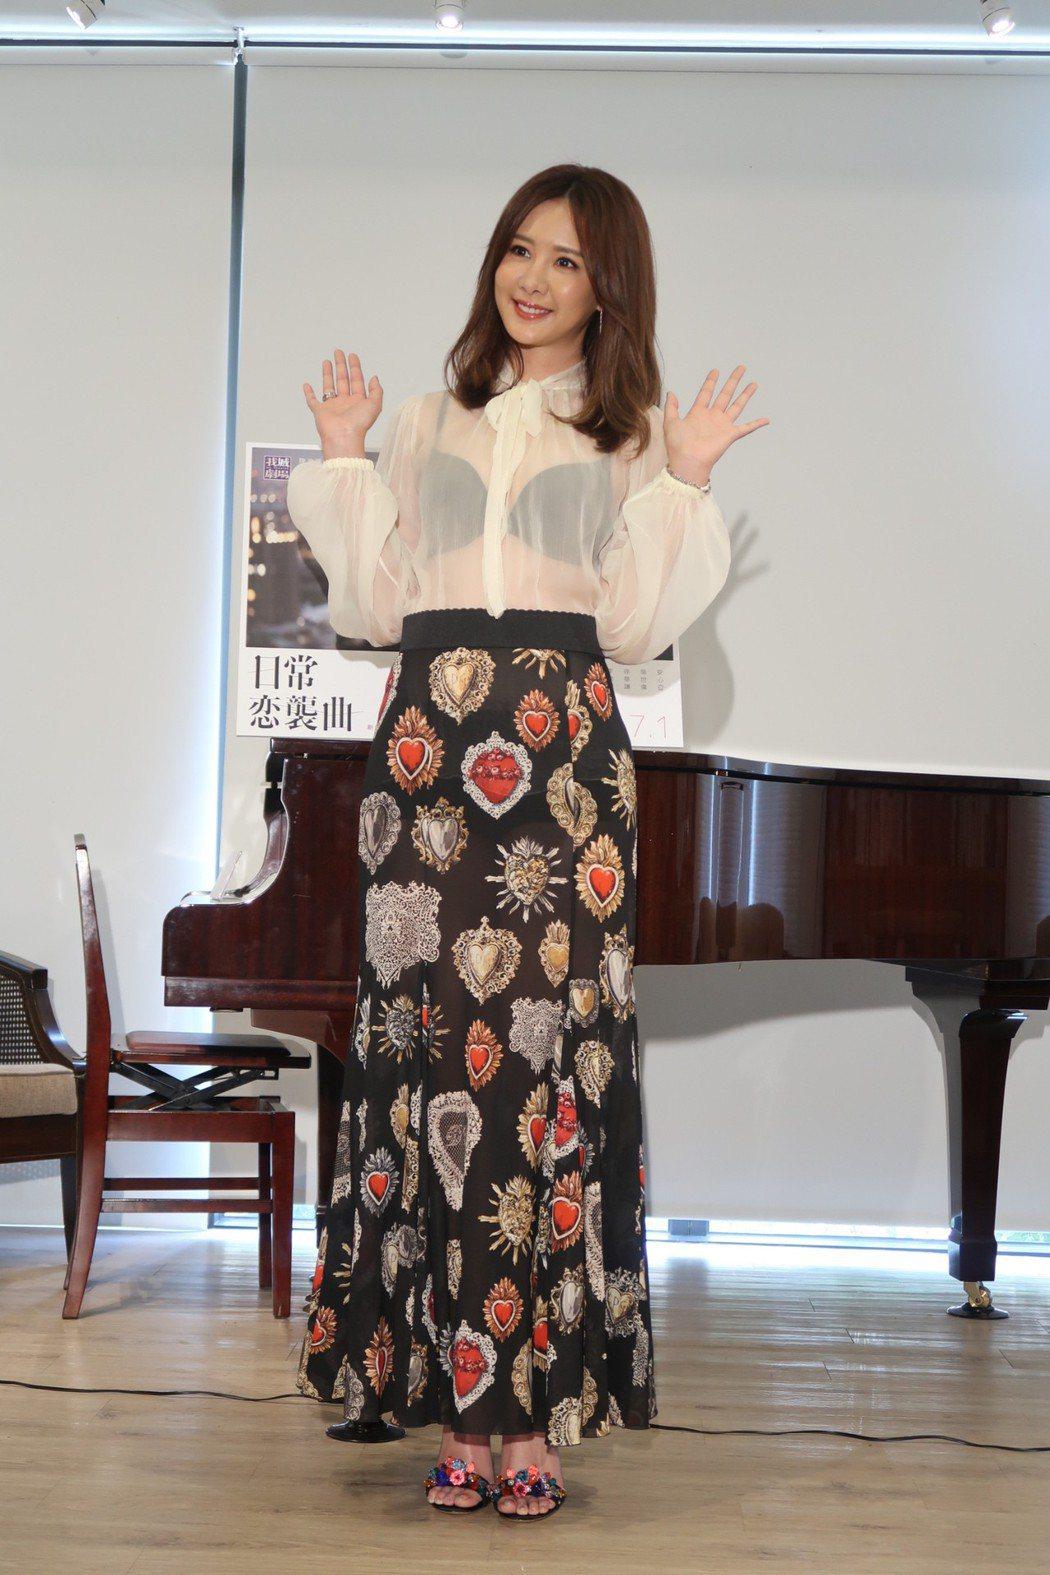 安心亞首度挑戰演舞台劇「日常恋襲曲」。圖/我城劇場提供